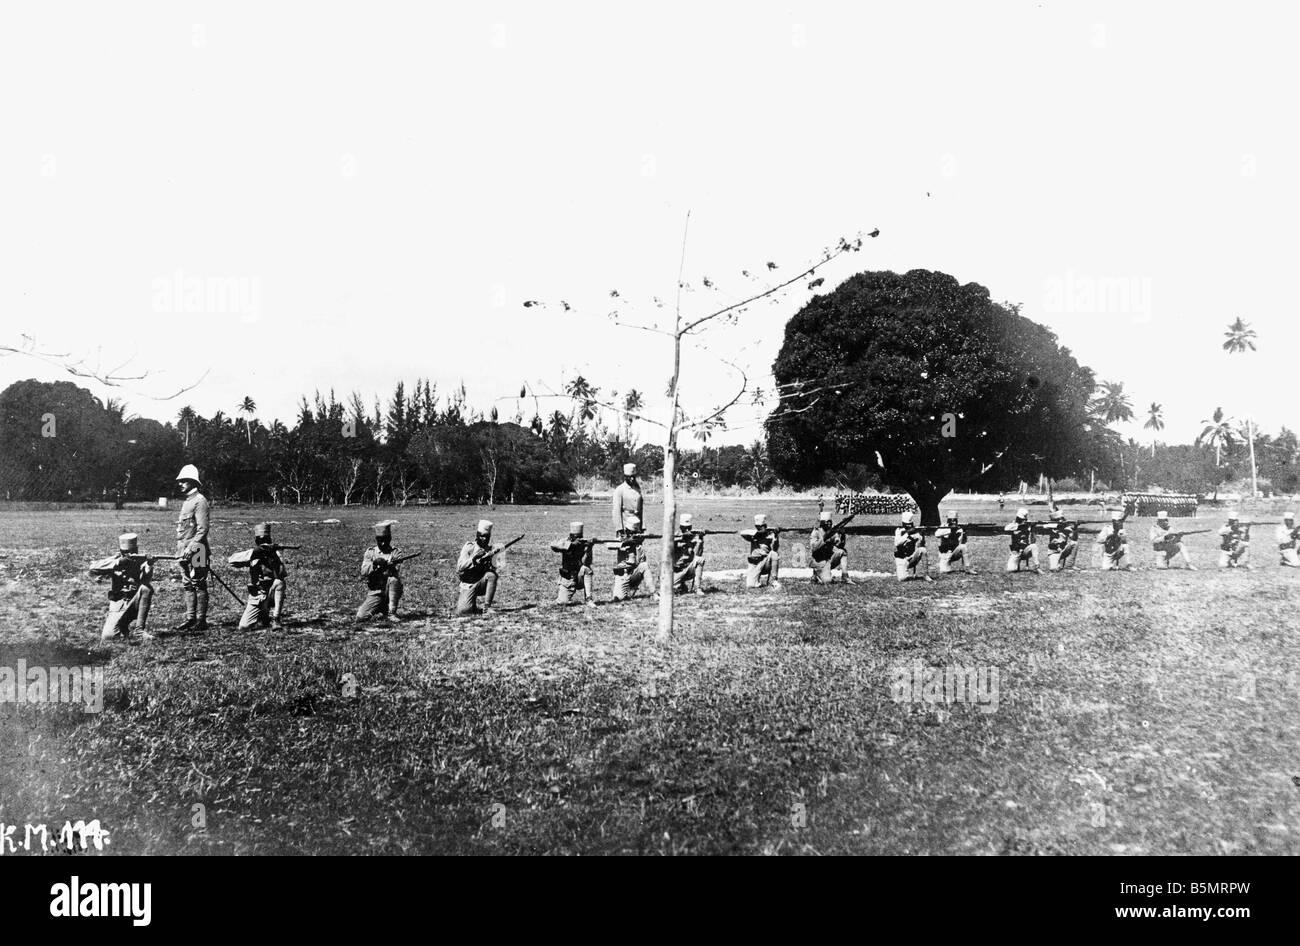 9AF 1914 0 0 A 1 1 tropas auxiliares África Oriental Alemana de la I Guerra Mundial la guerra en las colonias de África Oriental Alemana hoy Tanzania Formación Foto de stock